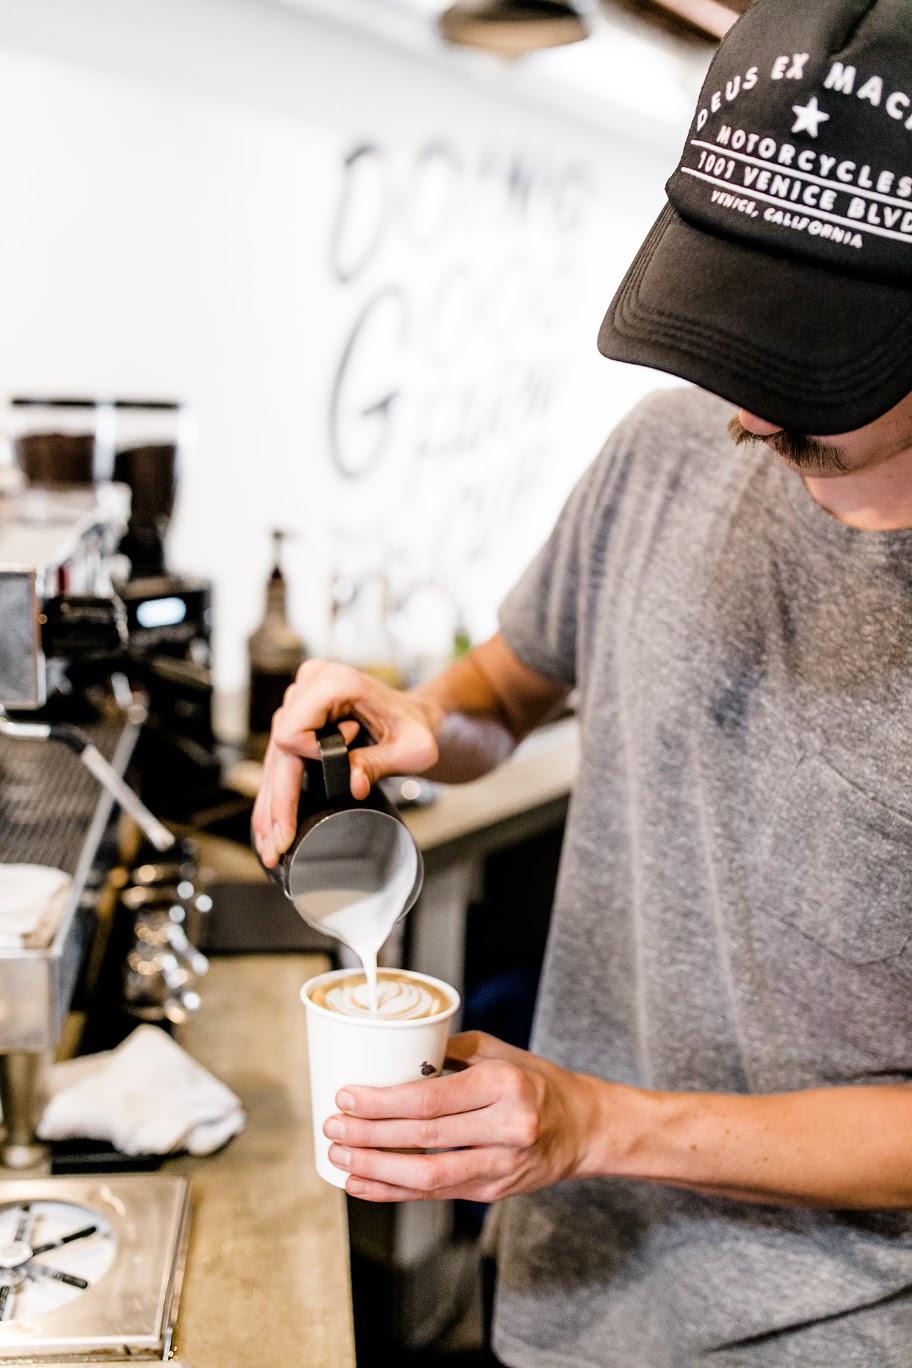 """OB Beans ocean beach """"largeur ="""" 912 """"height ="""" 1368 """"/> </p> <p> Langstaff, originaire d'Hawaï, opérera le site Wailua Shave Ice indépendamment du café Wailua Shave Ice est basé à Kauai et a un deuxième emplacement de détail à Portland, Oregon. L'emplacement de OB Beans sera le troisième général et premier de la société en Californie. </p> <p> Les cafés grillés de l'entreprise sont maintenant broyés sur un Mahlkonig K30 Twin pour l'extraction sur une machine à expresso classique de café La Marzocco à 2 groupes. La presse française, que Nease a comparée à un pichet de bière dans sa livraison, est la méthode de mise au point pour les options brassées. </p> <p> """"Si vous commandez un Pichet de bière, il favorise la communauté et la conversation entre amis """", a déclaré Nease."""" Nous faisons la même chose avec notre presse française. Nous vous l'avons préparé prêt à partir, et vous les versez à la table. """"</p> <p> <img data-attachment-id="""